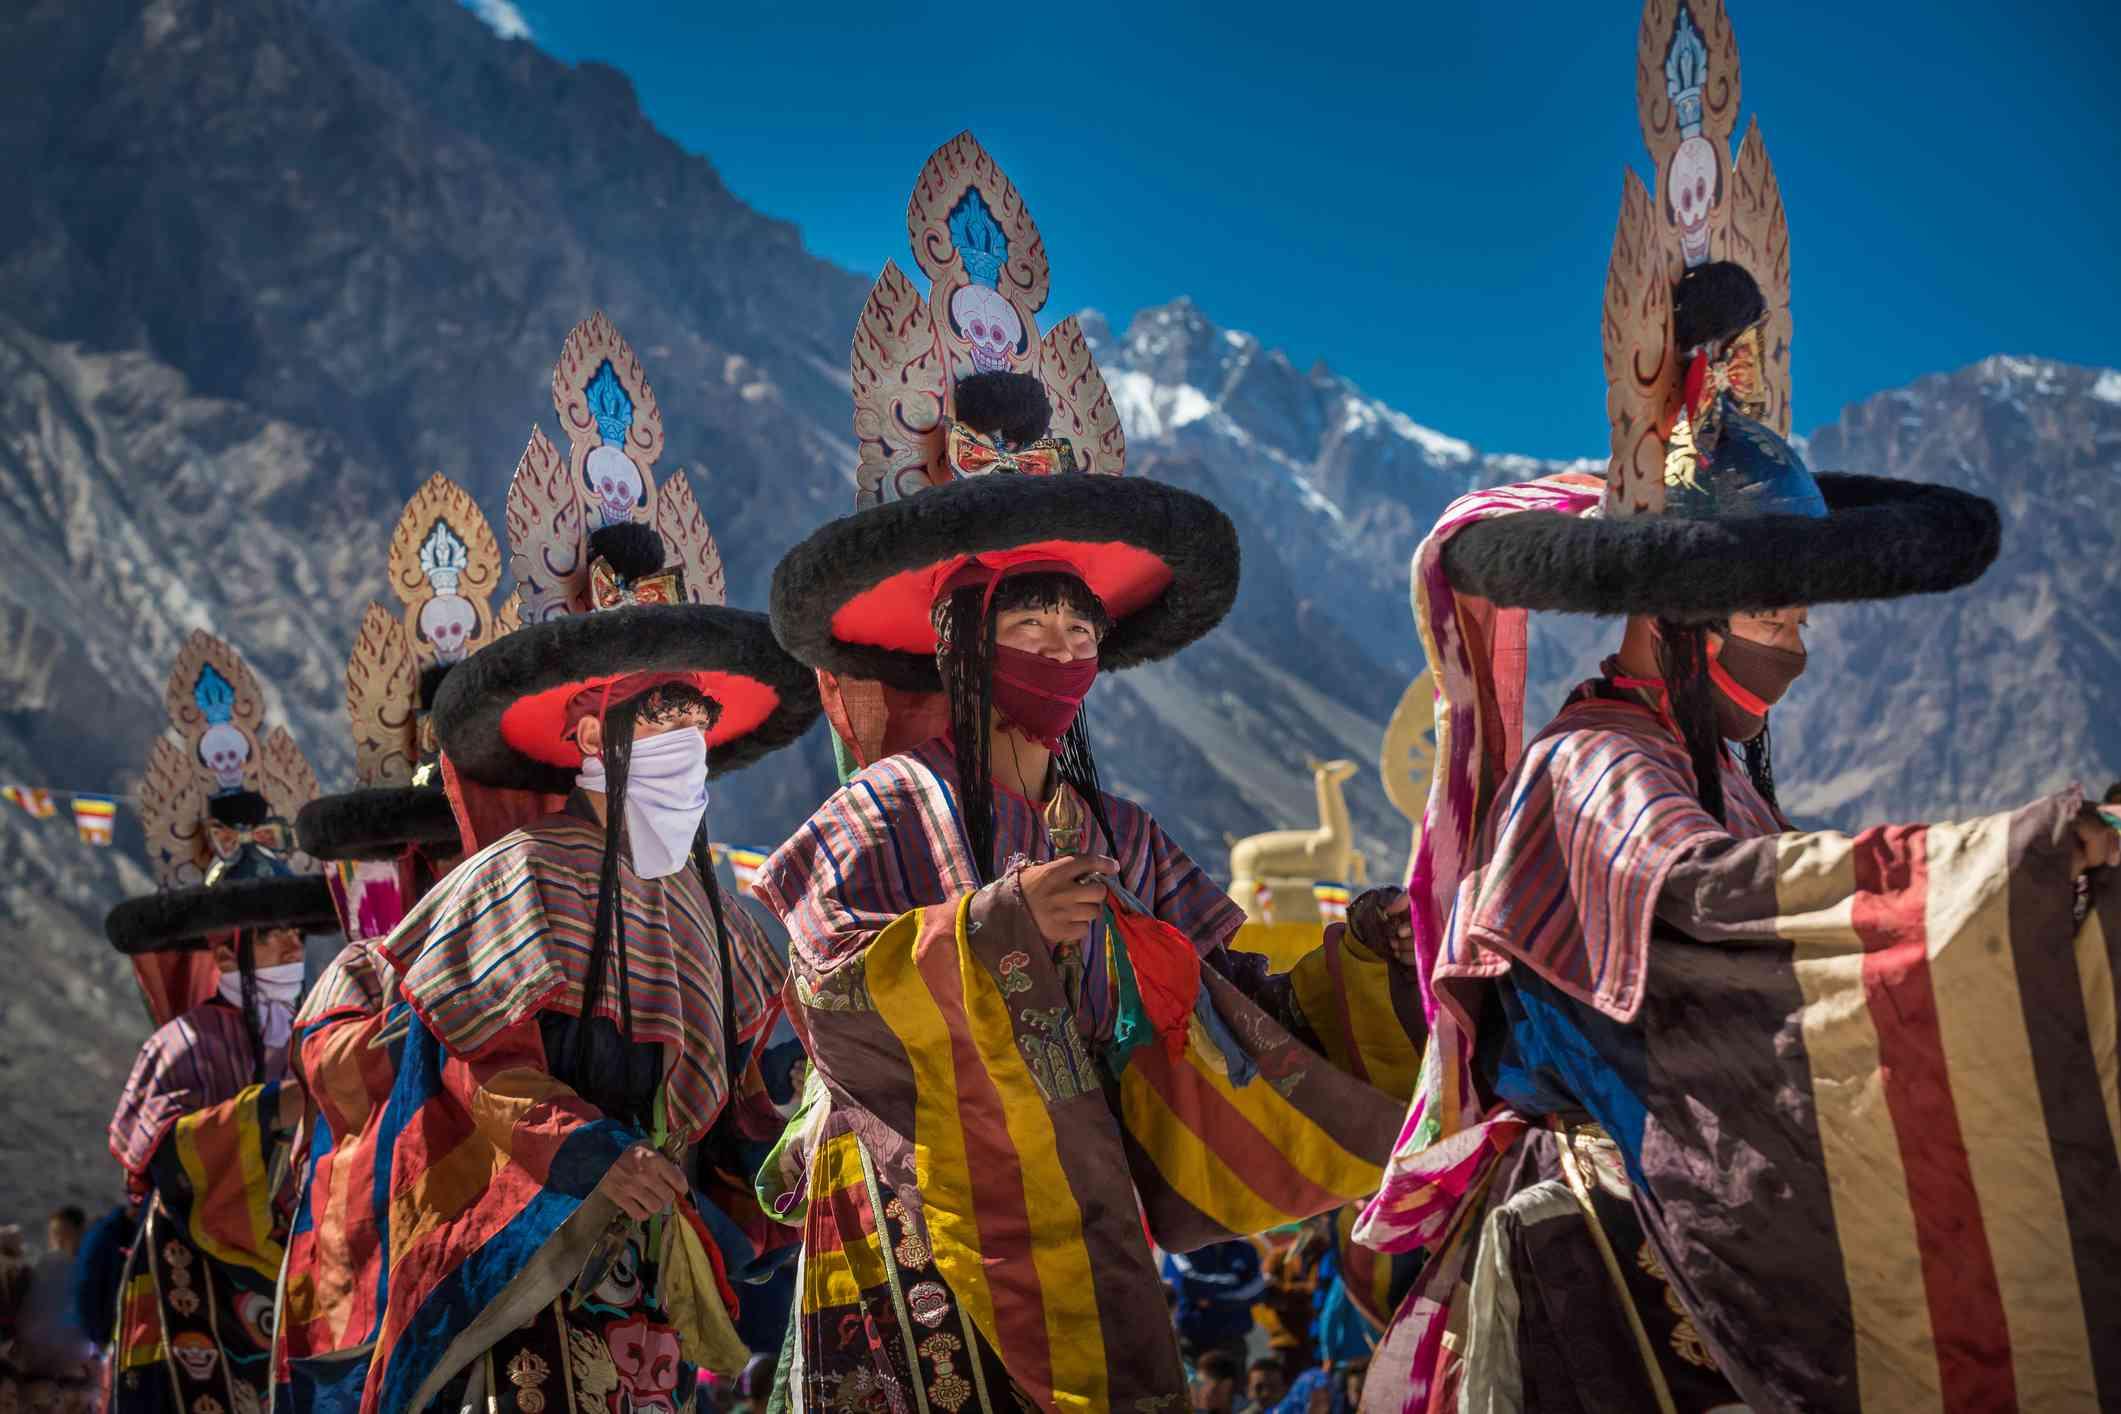 Danza tradicional enmascarada en el valle de Nubra